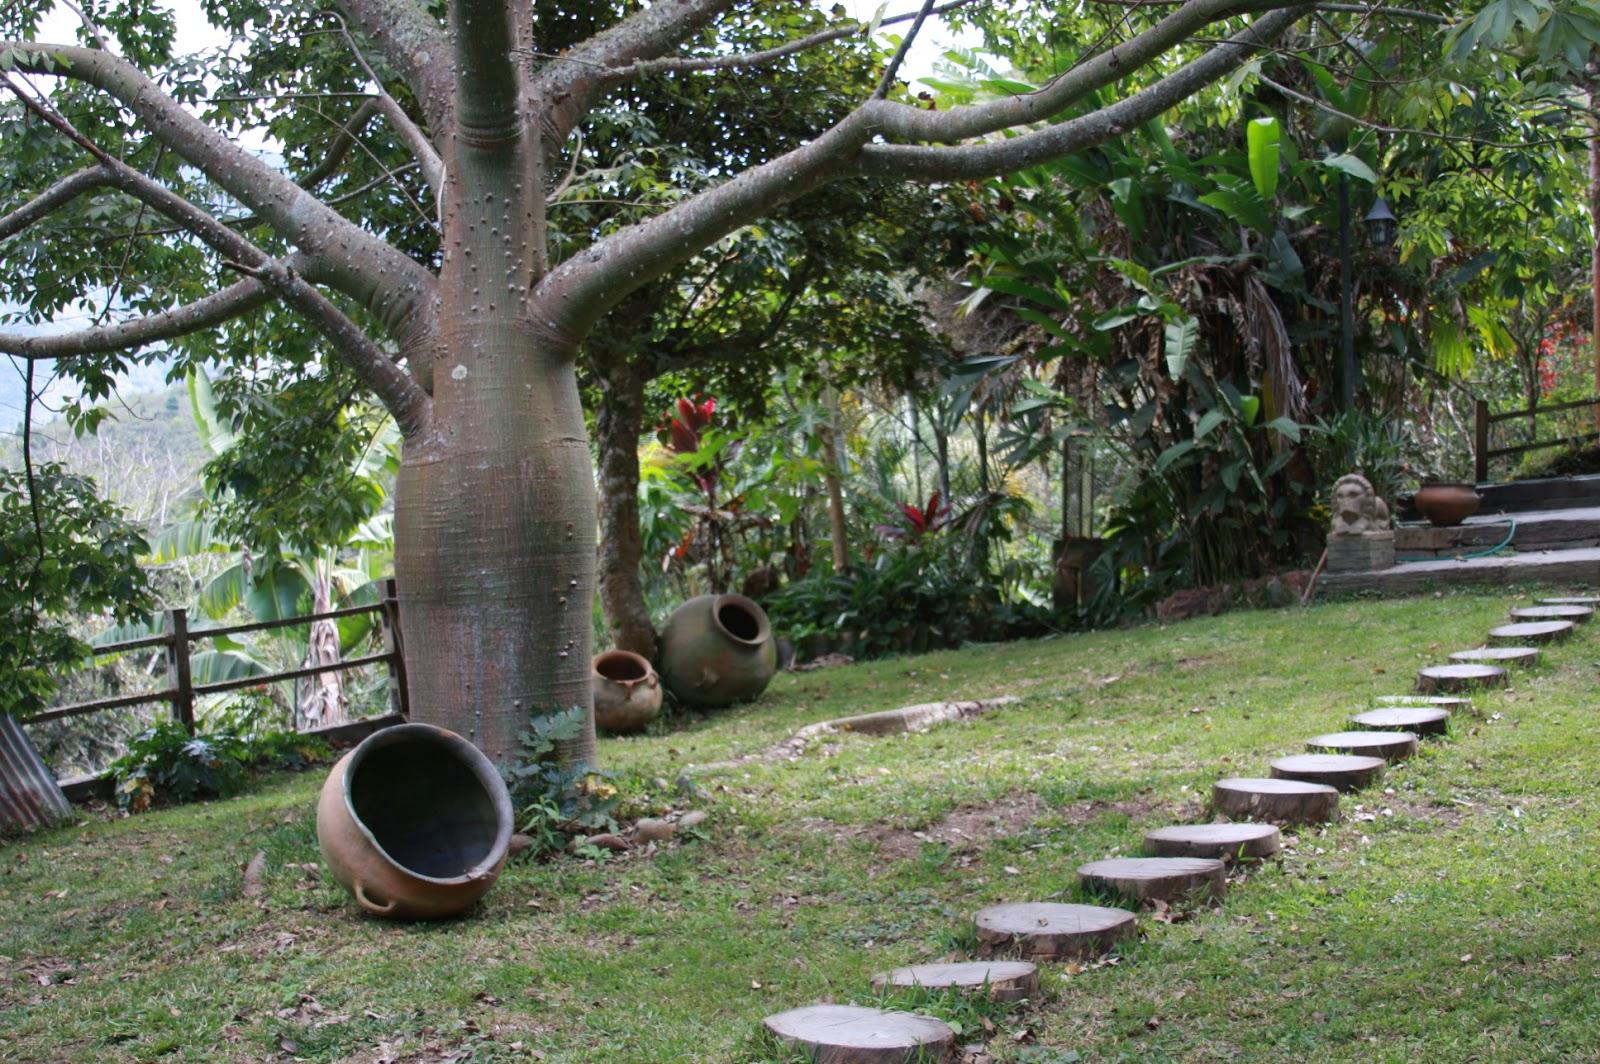 Pecabol inmobiliaria for Arboles frutales para jardin